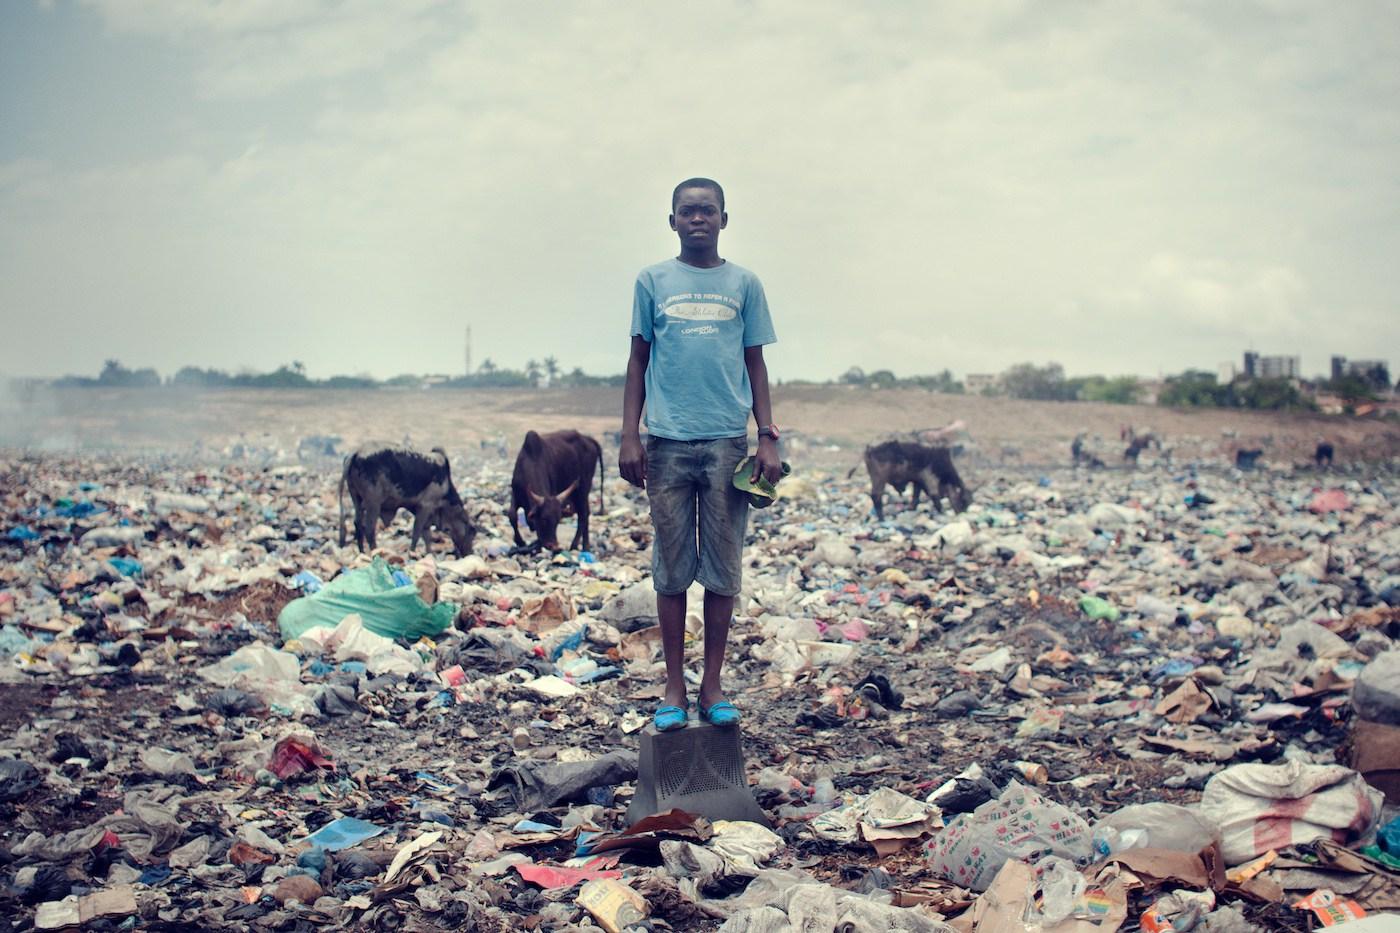 Agbogbloshie_KevinMcElvaney_Accra_e-waste-22